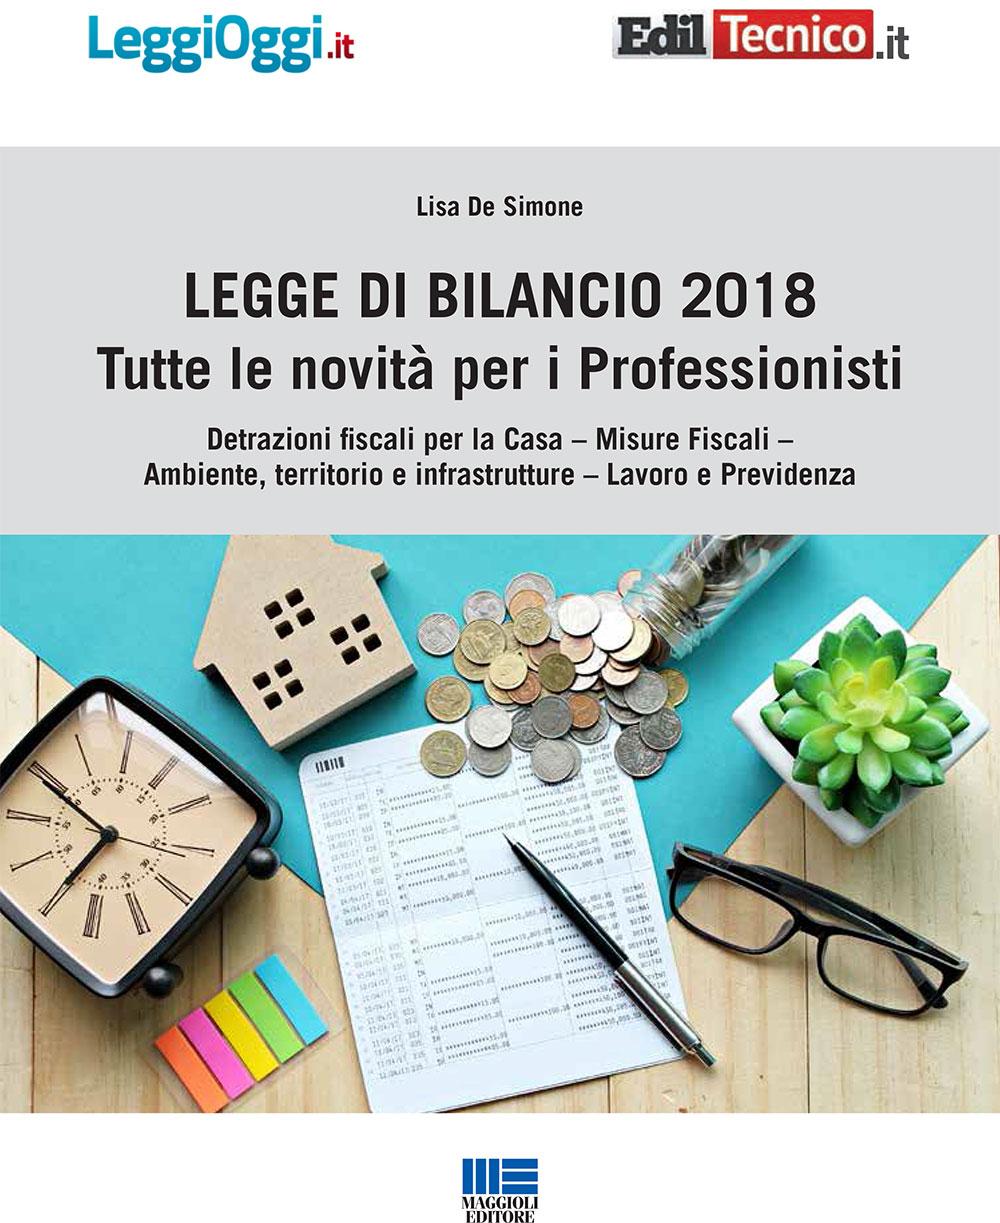 Legge di Bilancio 2018: tutte le novit� per i professionisti